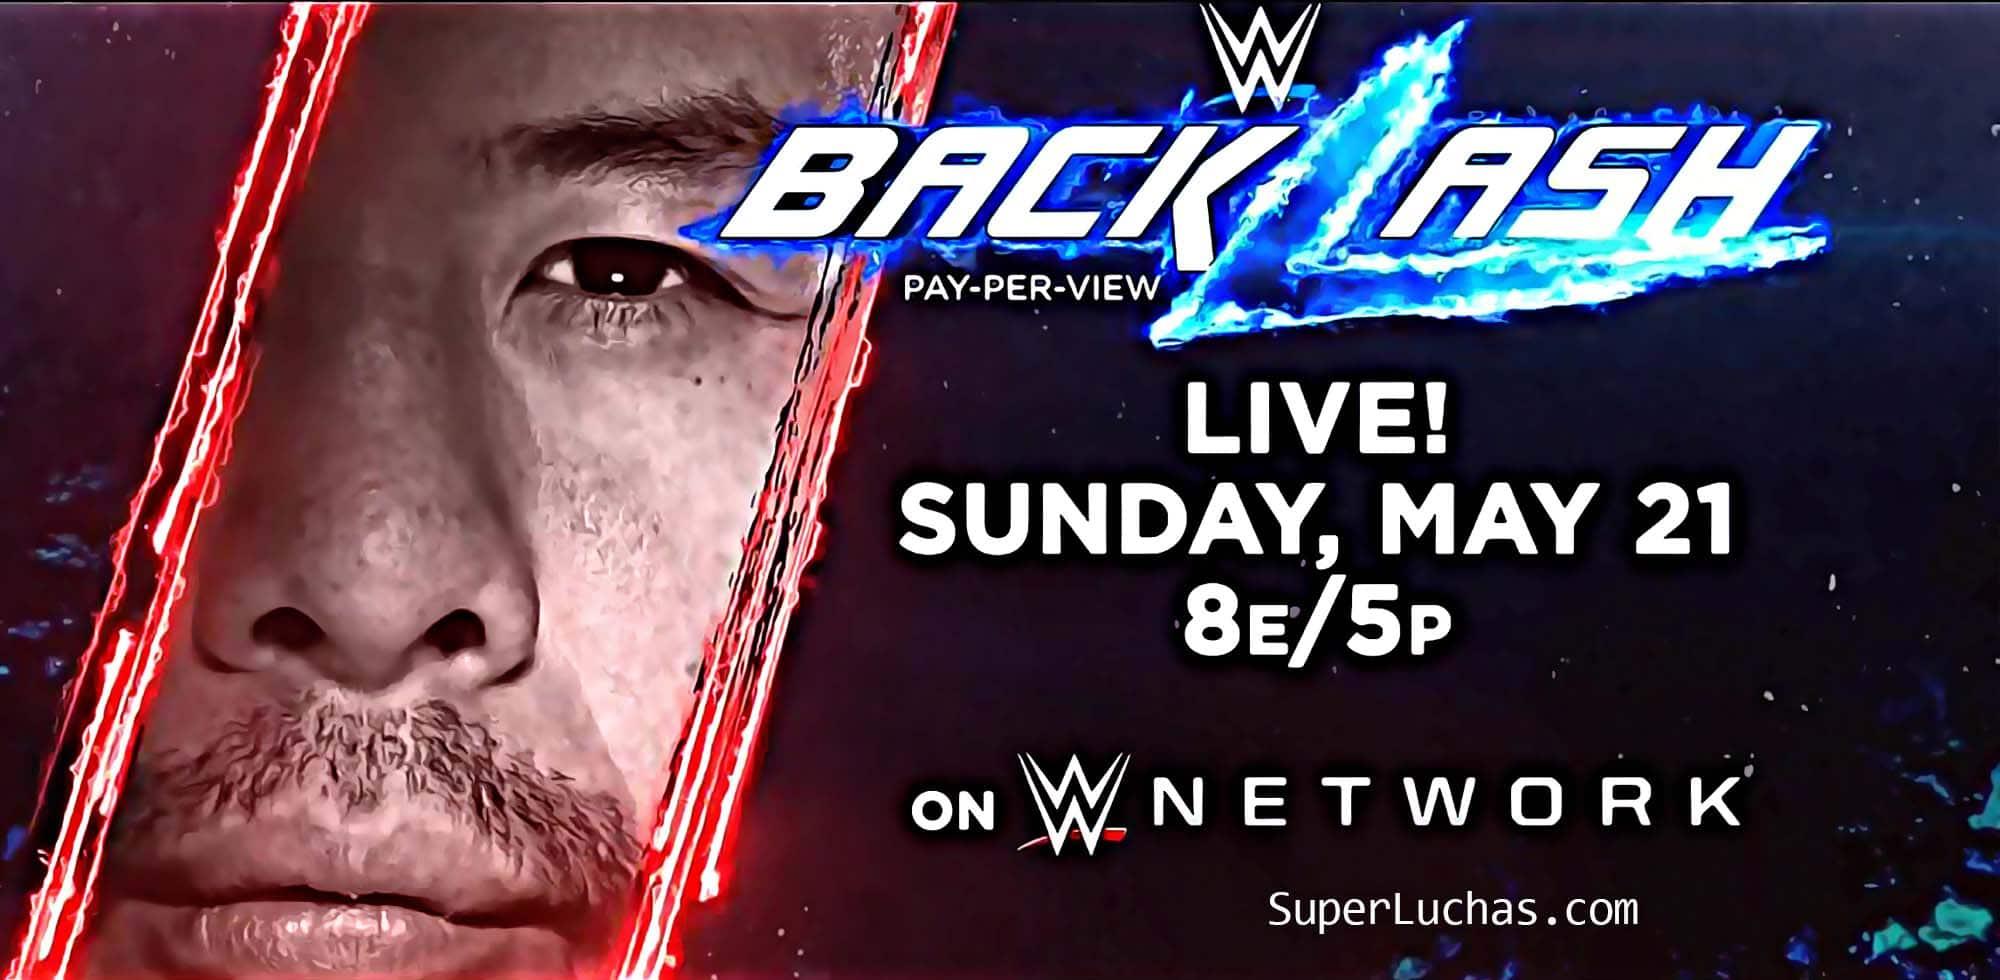 Cartel actualizado de WWE Backlash 2017 - ¡Se confirma el debut de Nakamura! 1